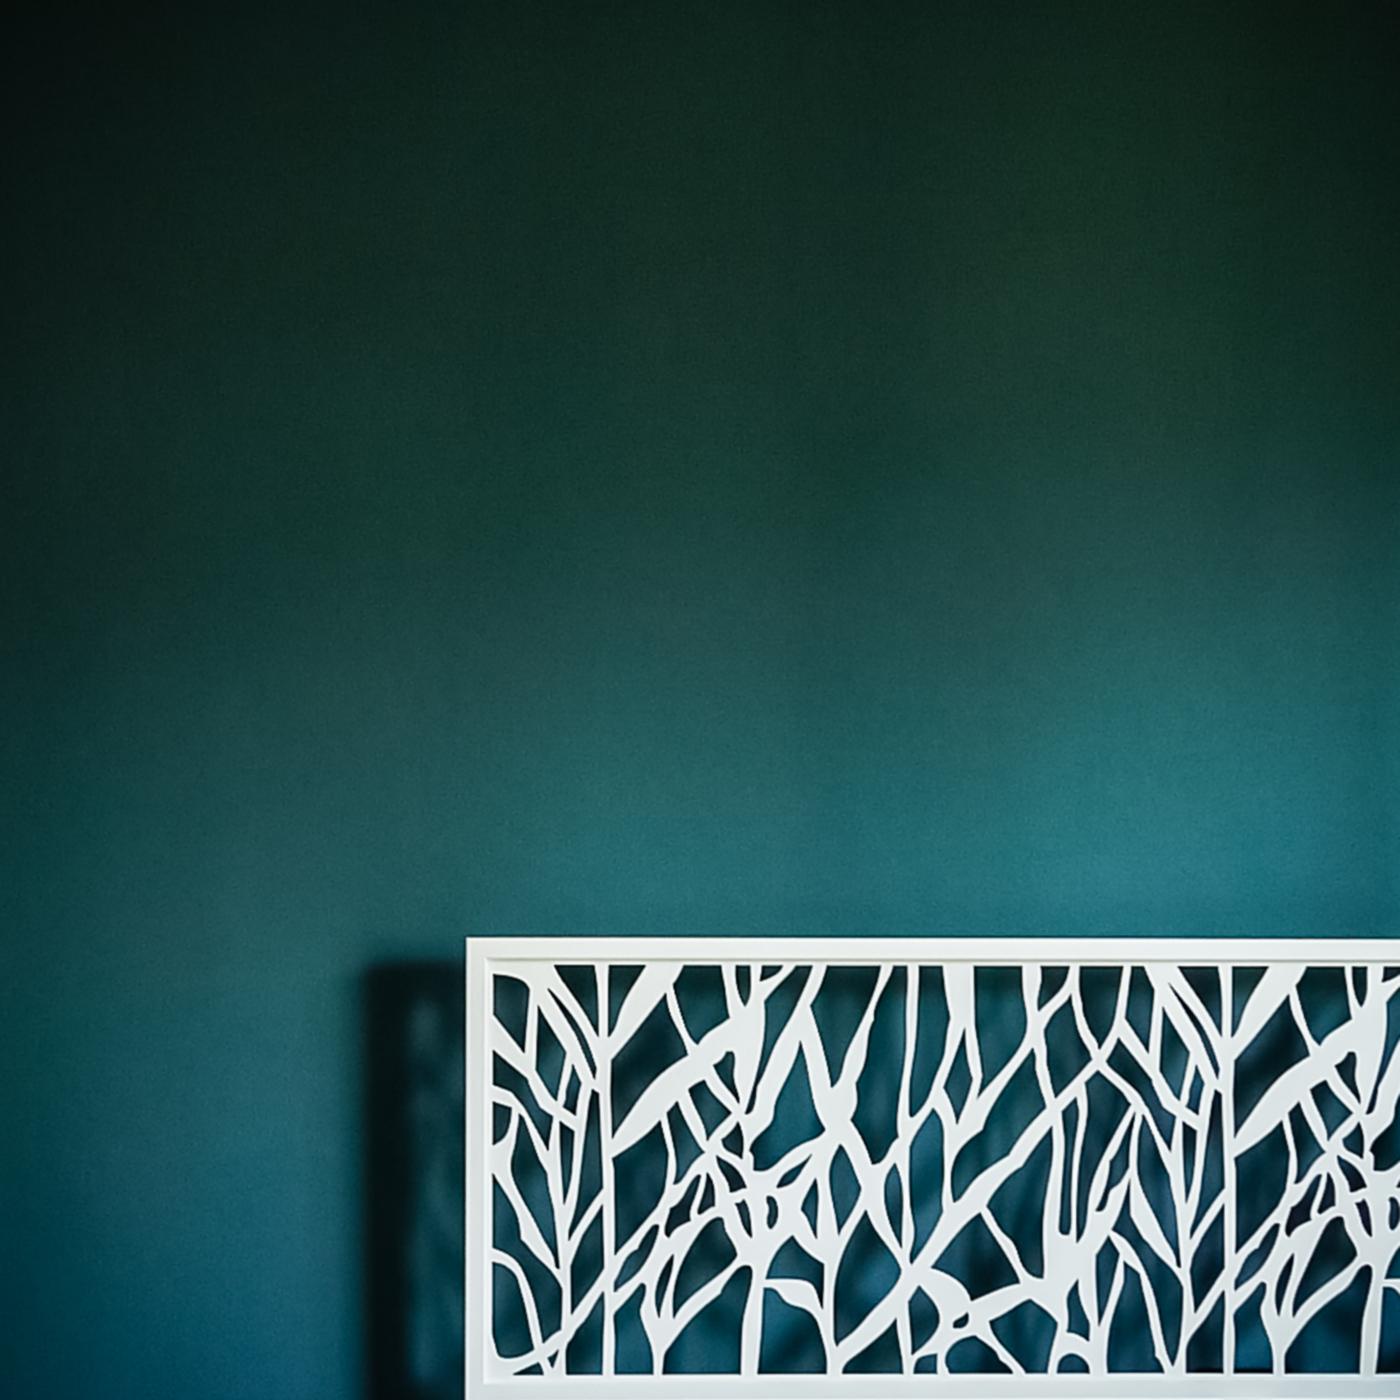 Una ristrutturazione a basso budget che rivoluziona spazi e percezione. Blu di Prussia per la camera da letto | Bottega di Architettura